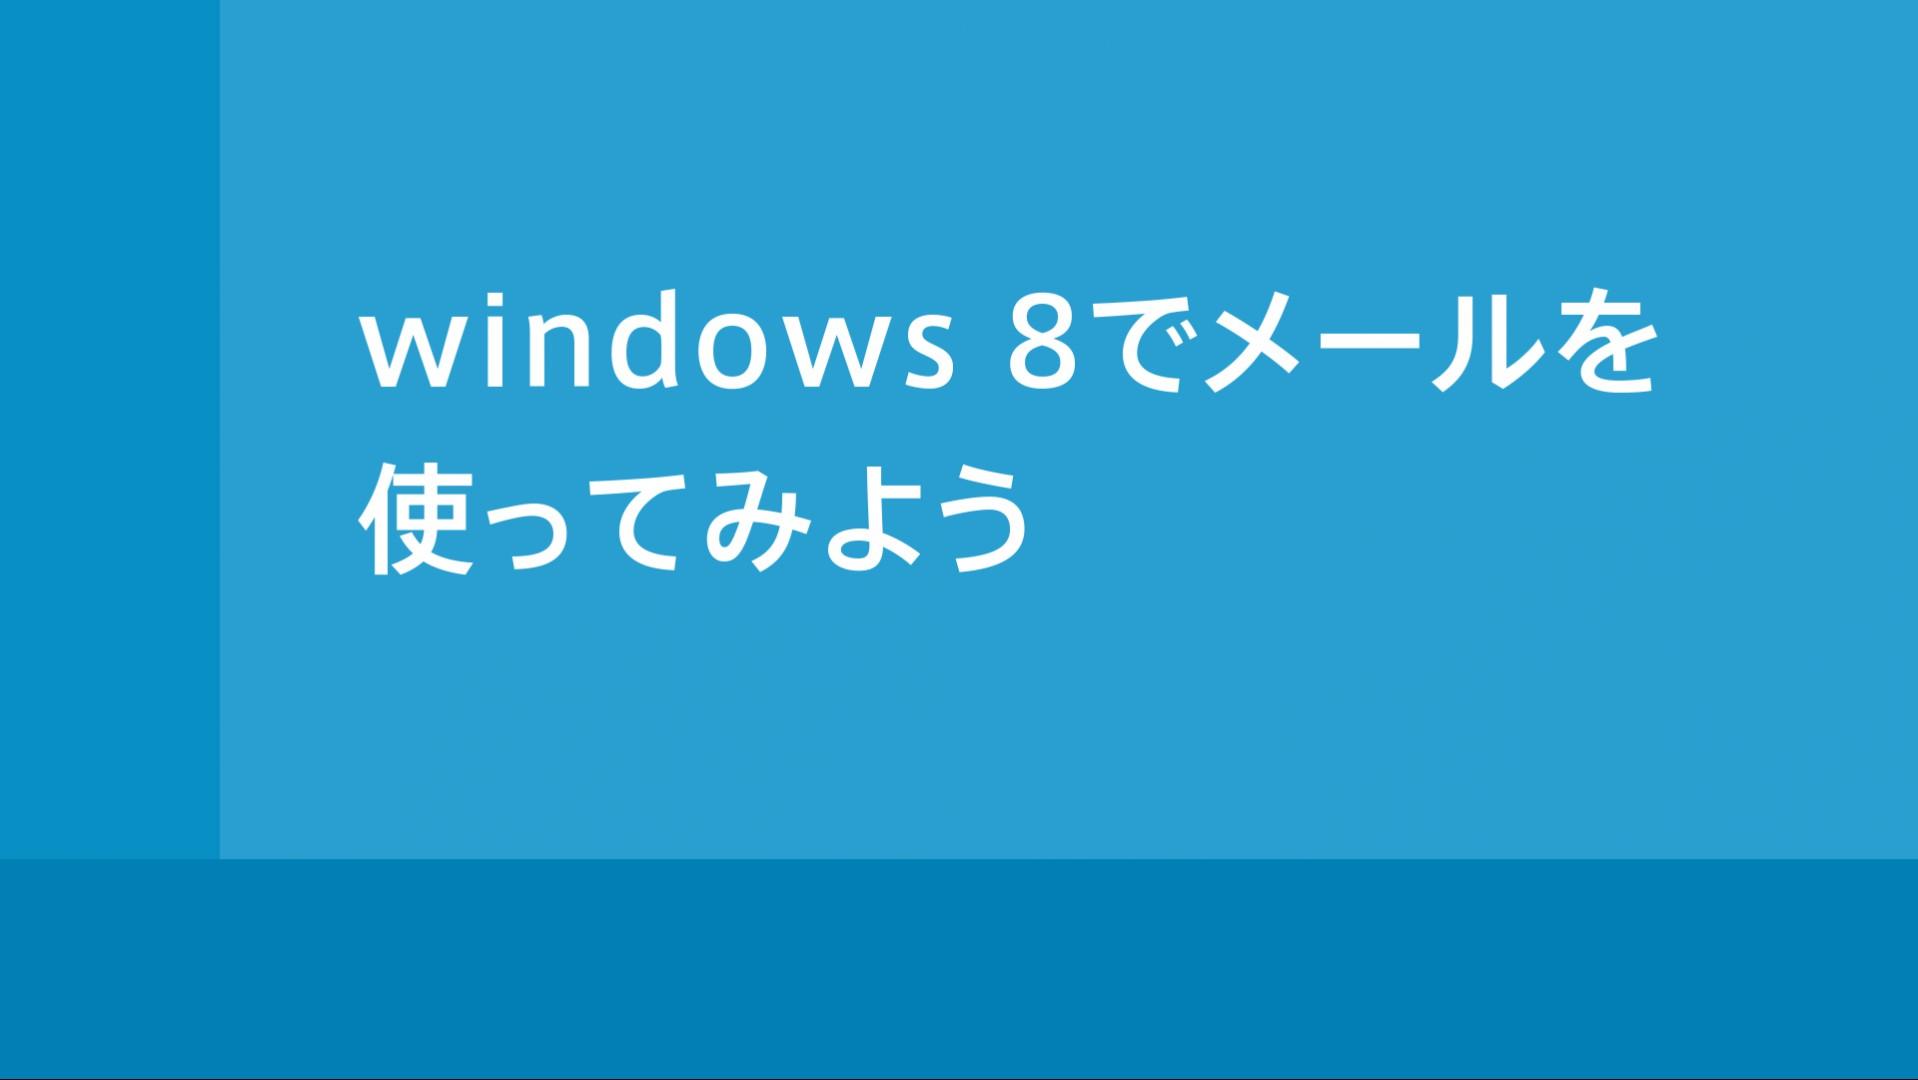 Windows 8 使い方 圧縮ファイルを解凍して開く方法